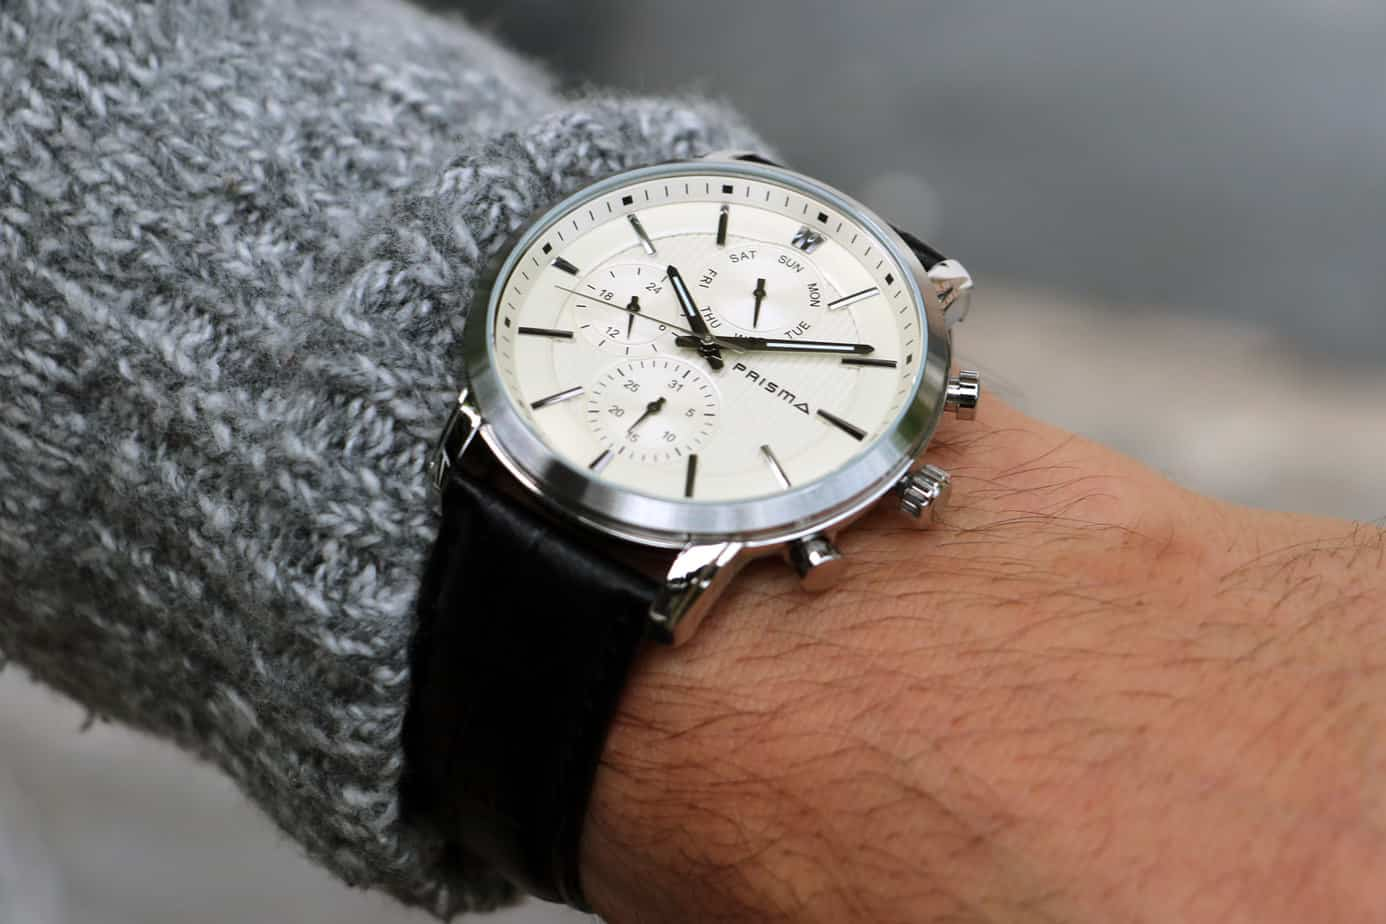 Prisma horloge herenhorloges men watches Traveller Refined Beige watch